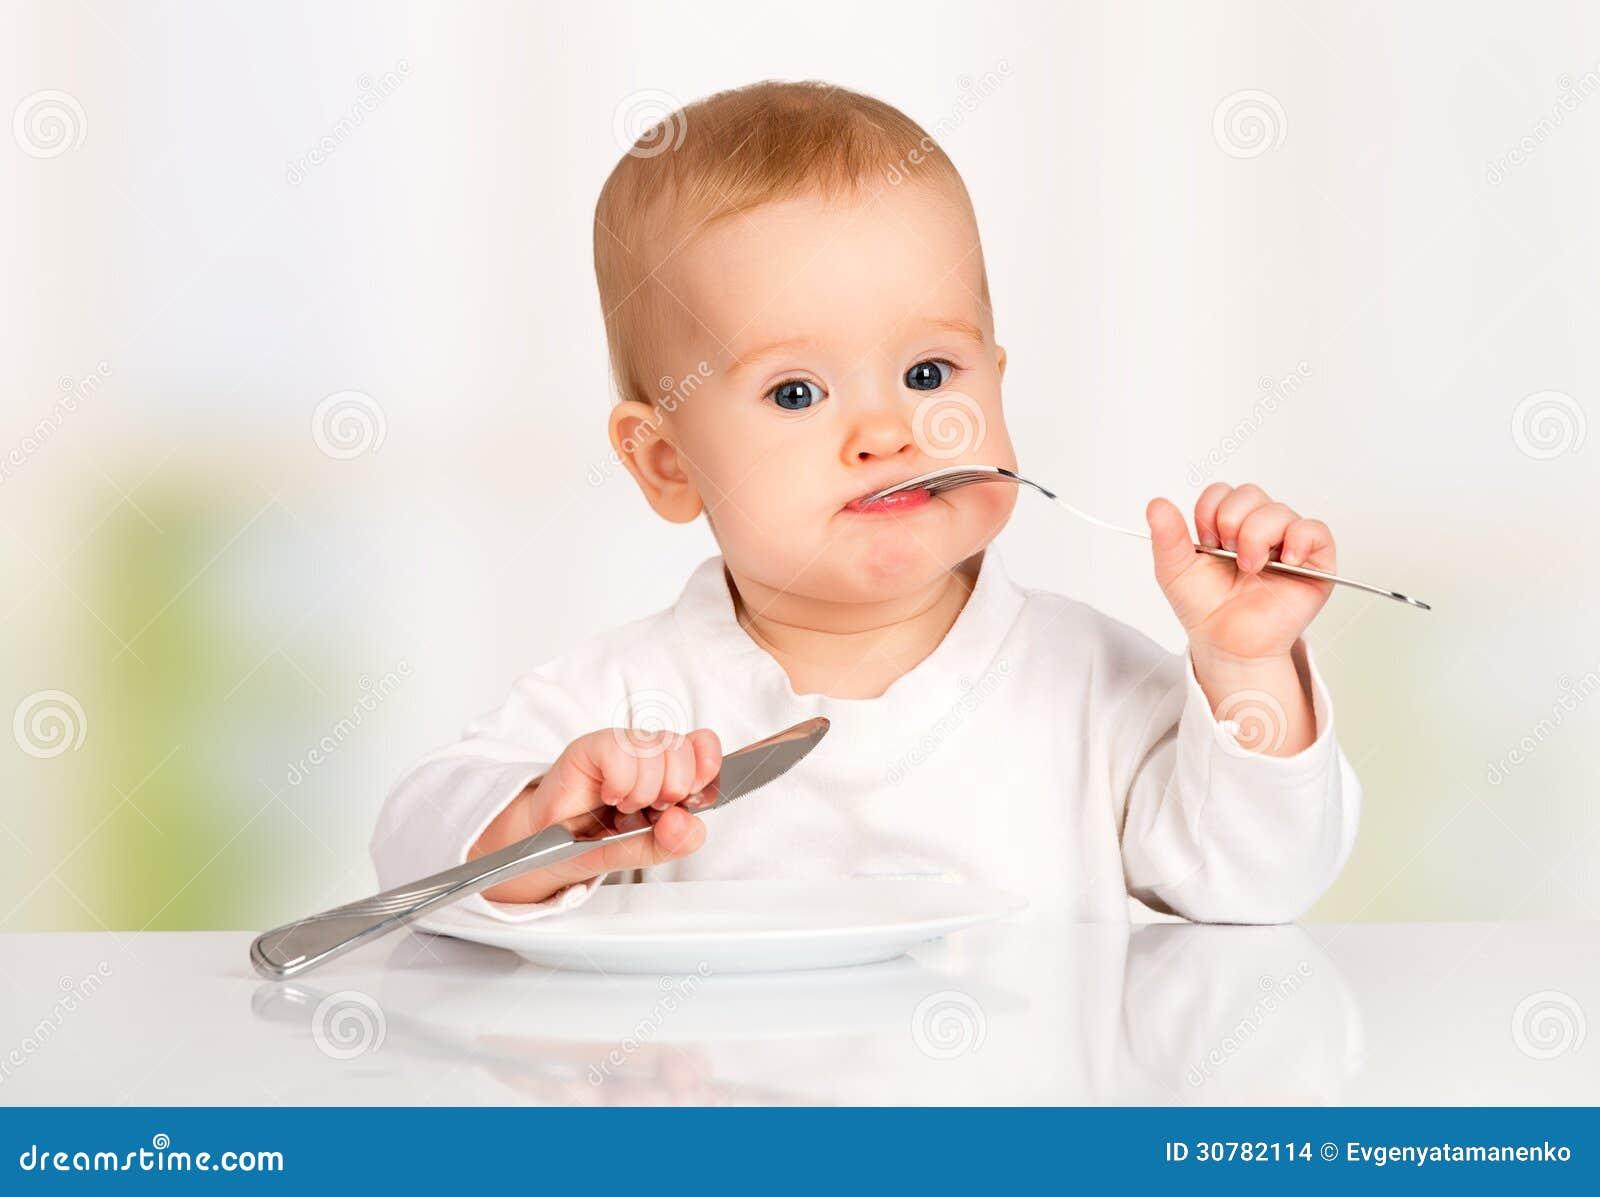 Bebê engraçado com uma faca e uma forquilha que come o alimento